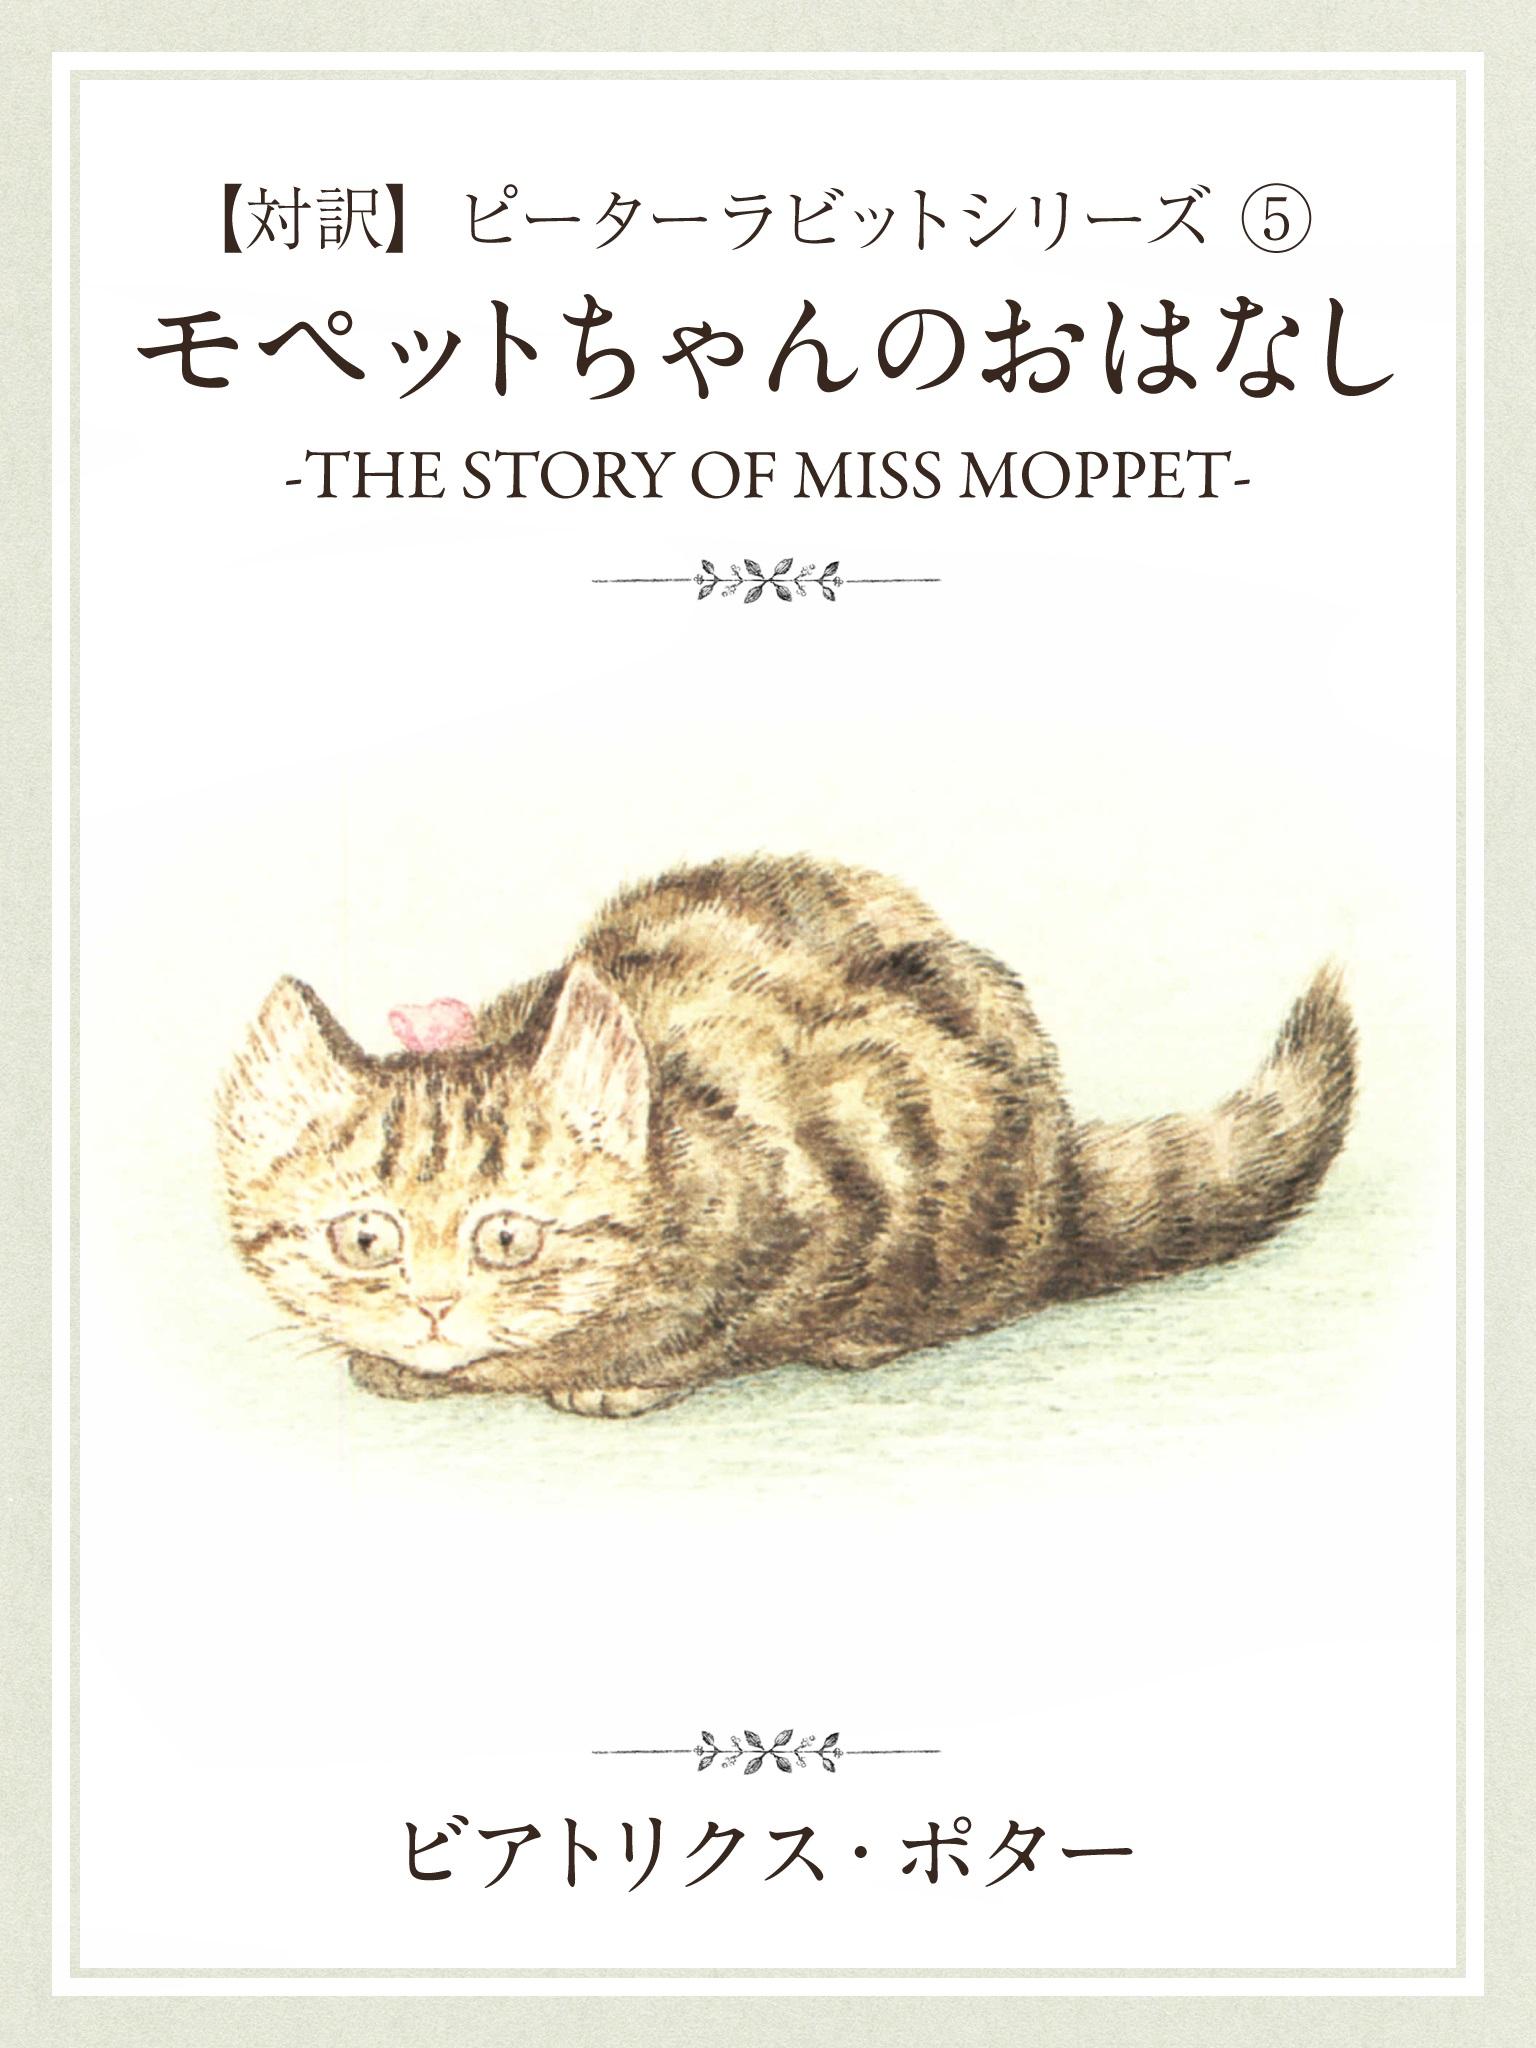 【対訳】ピーターラビット ⑤ モペットちゃんのおはなし -THE STORY OF MISS MOPPET-